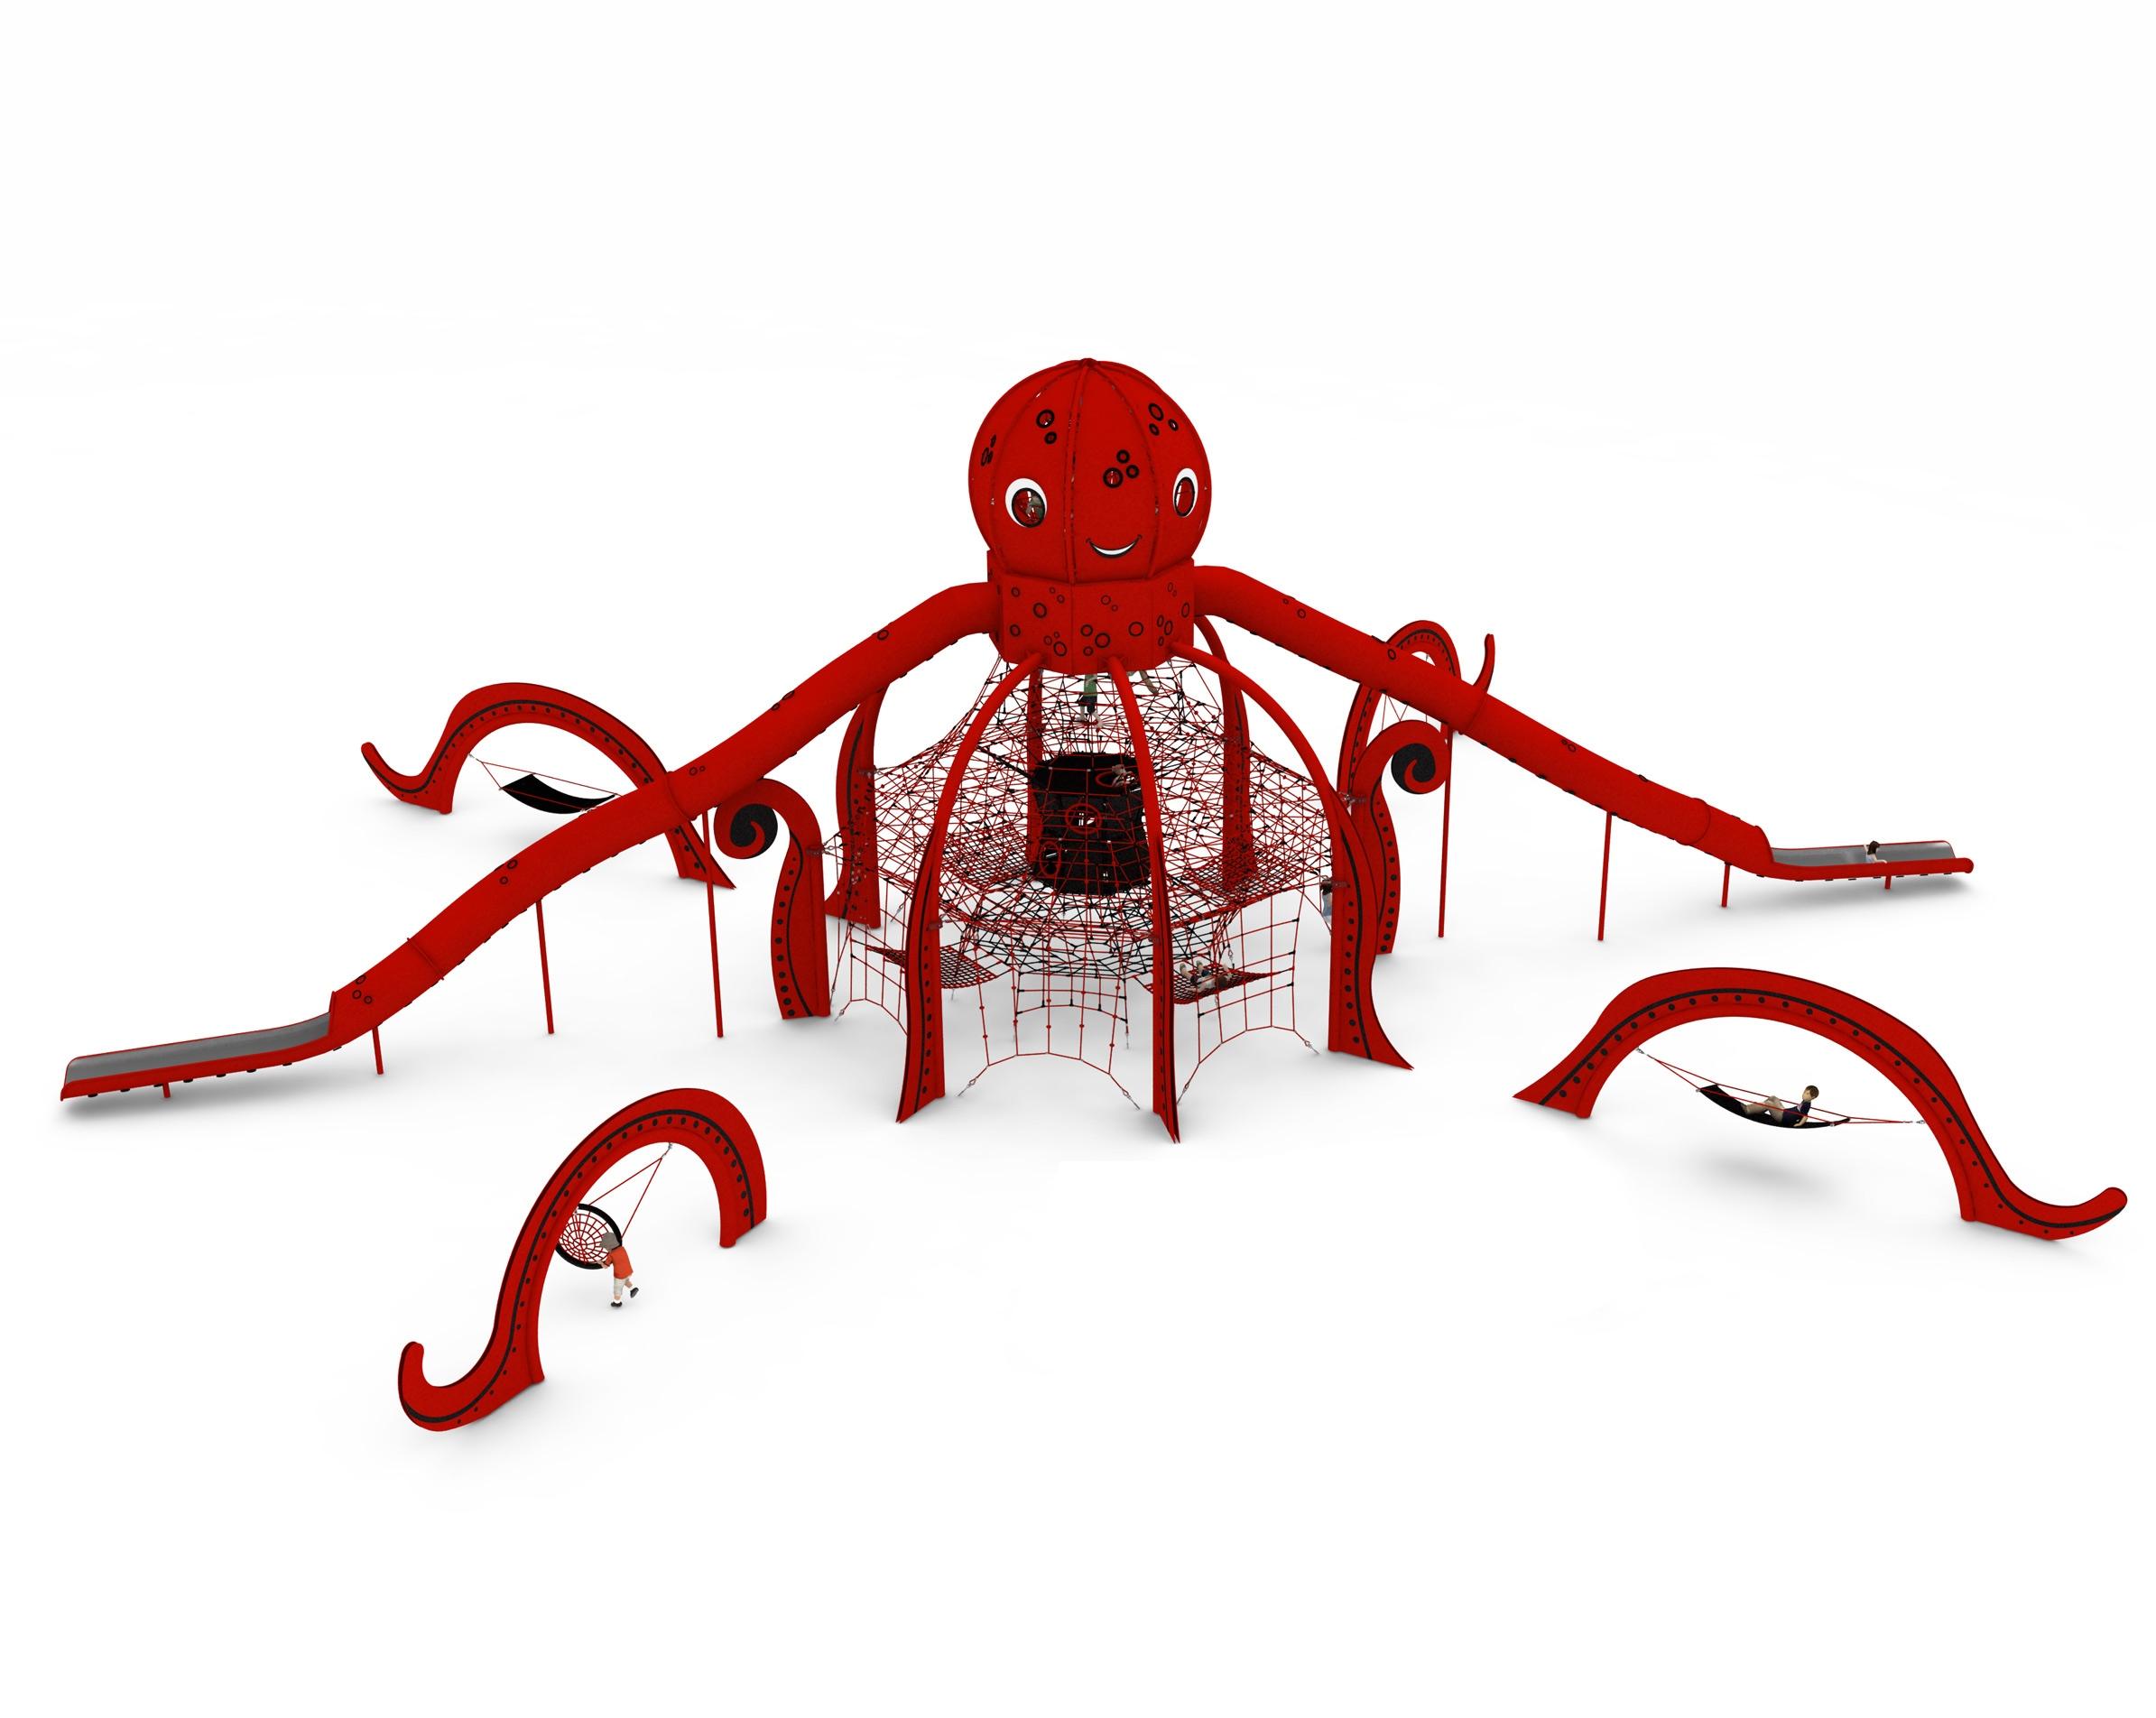 Indywidualny projekt linowy LIVIA dla placów zabaw - Magicnets